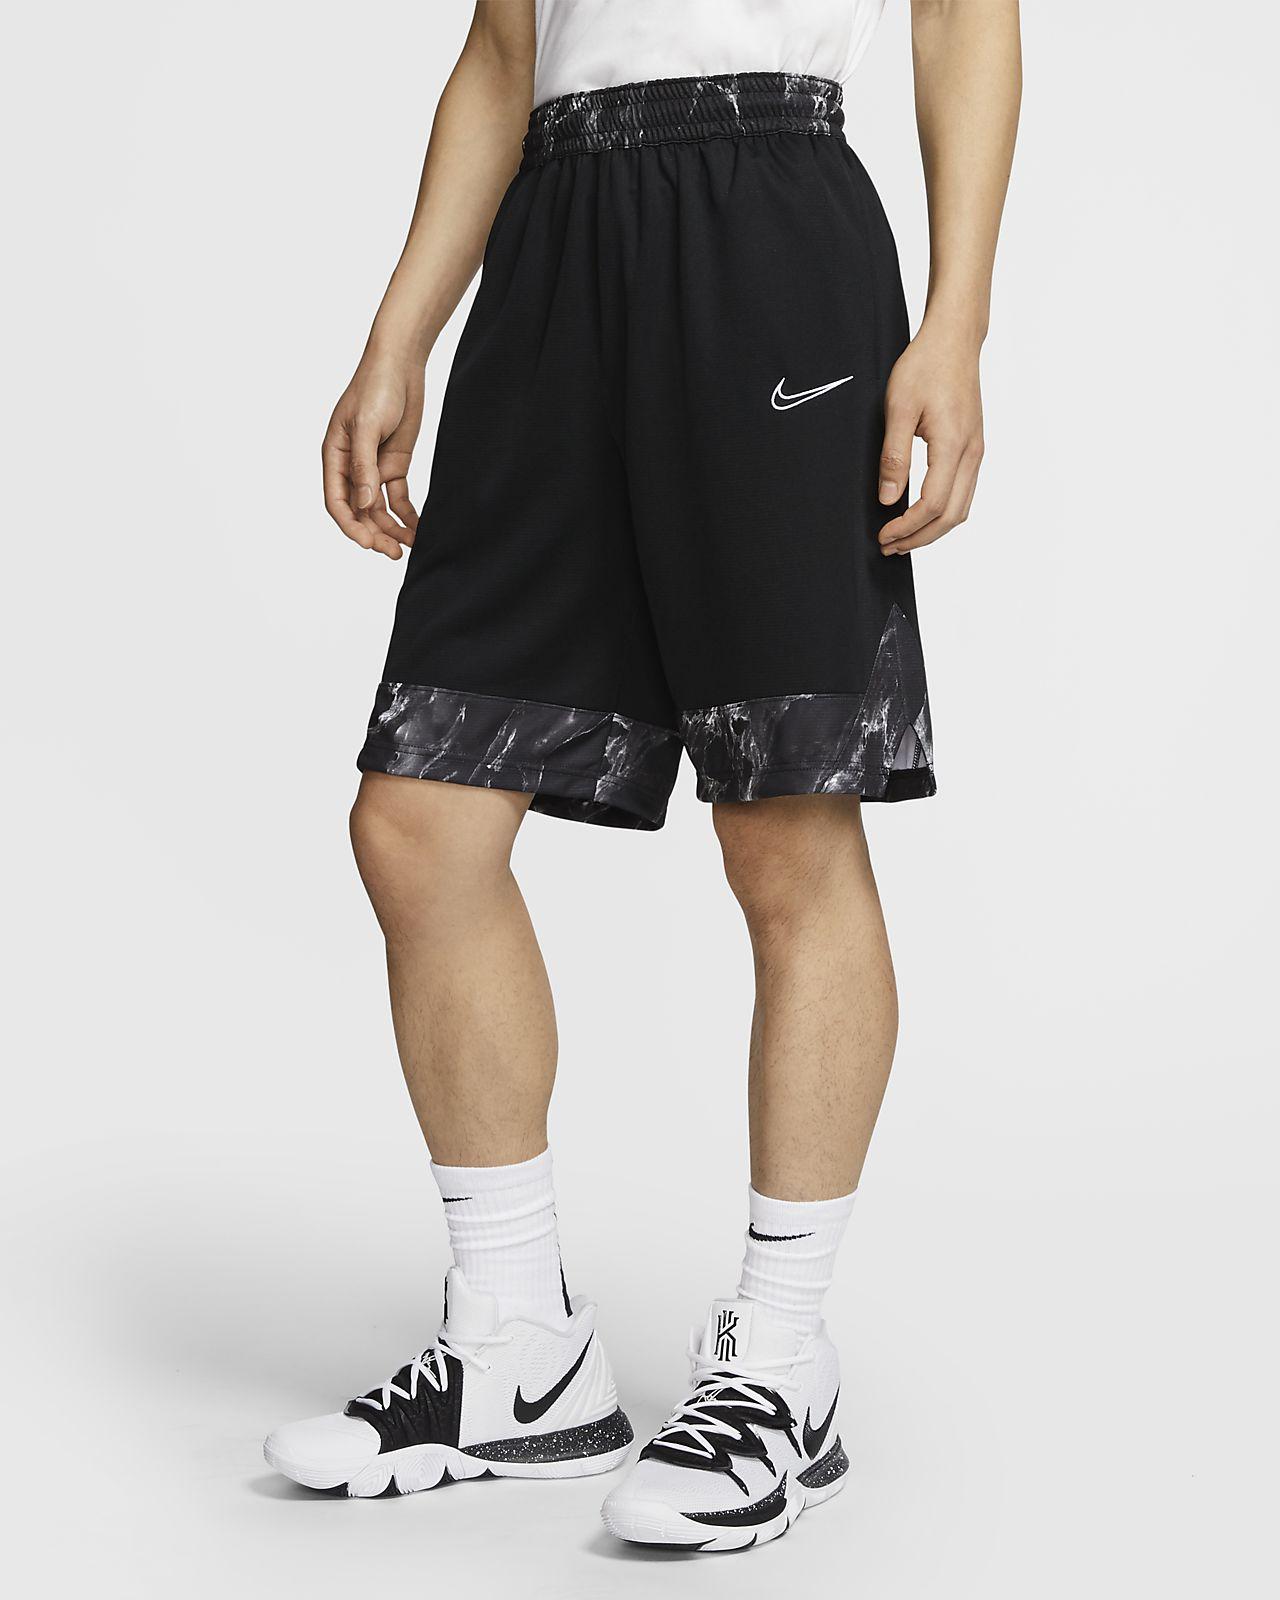 ナイキ Dri-FIT アイコン メンズ バスケットボールショートパンツ